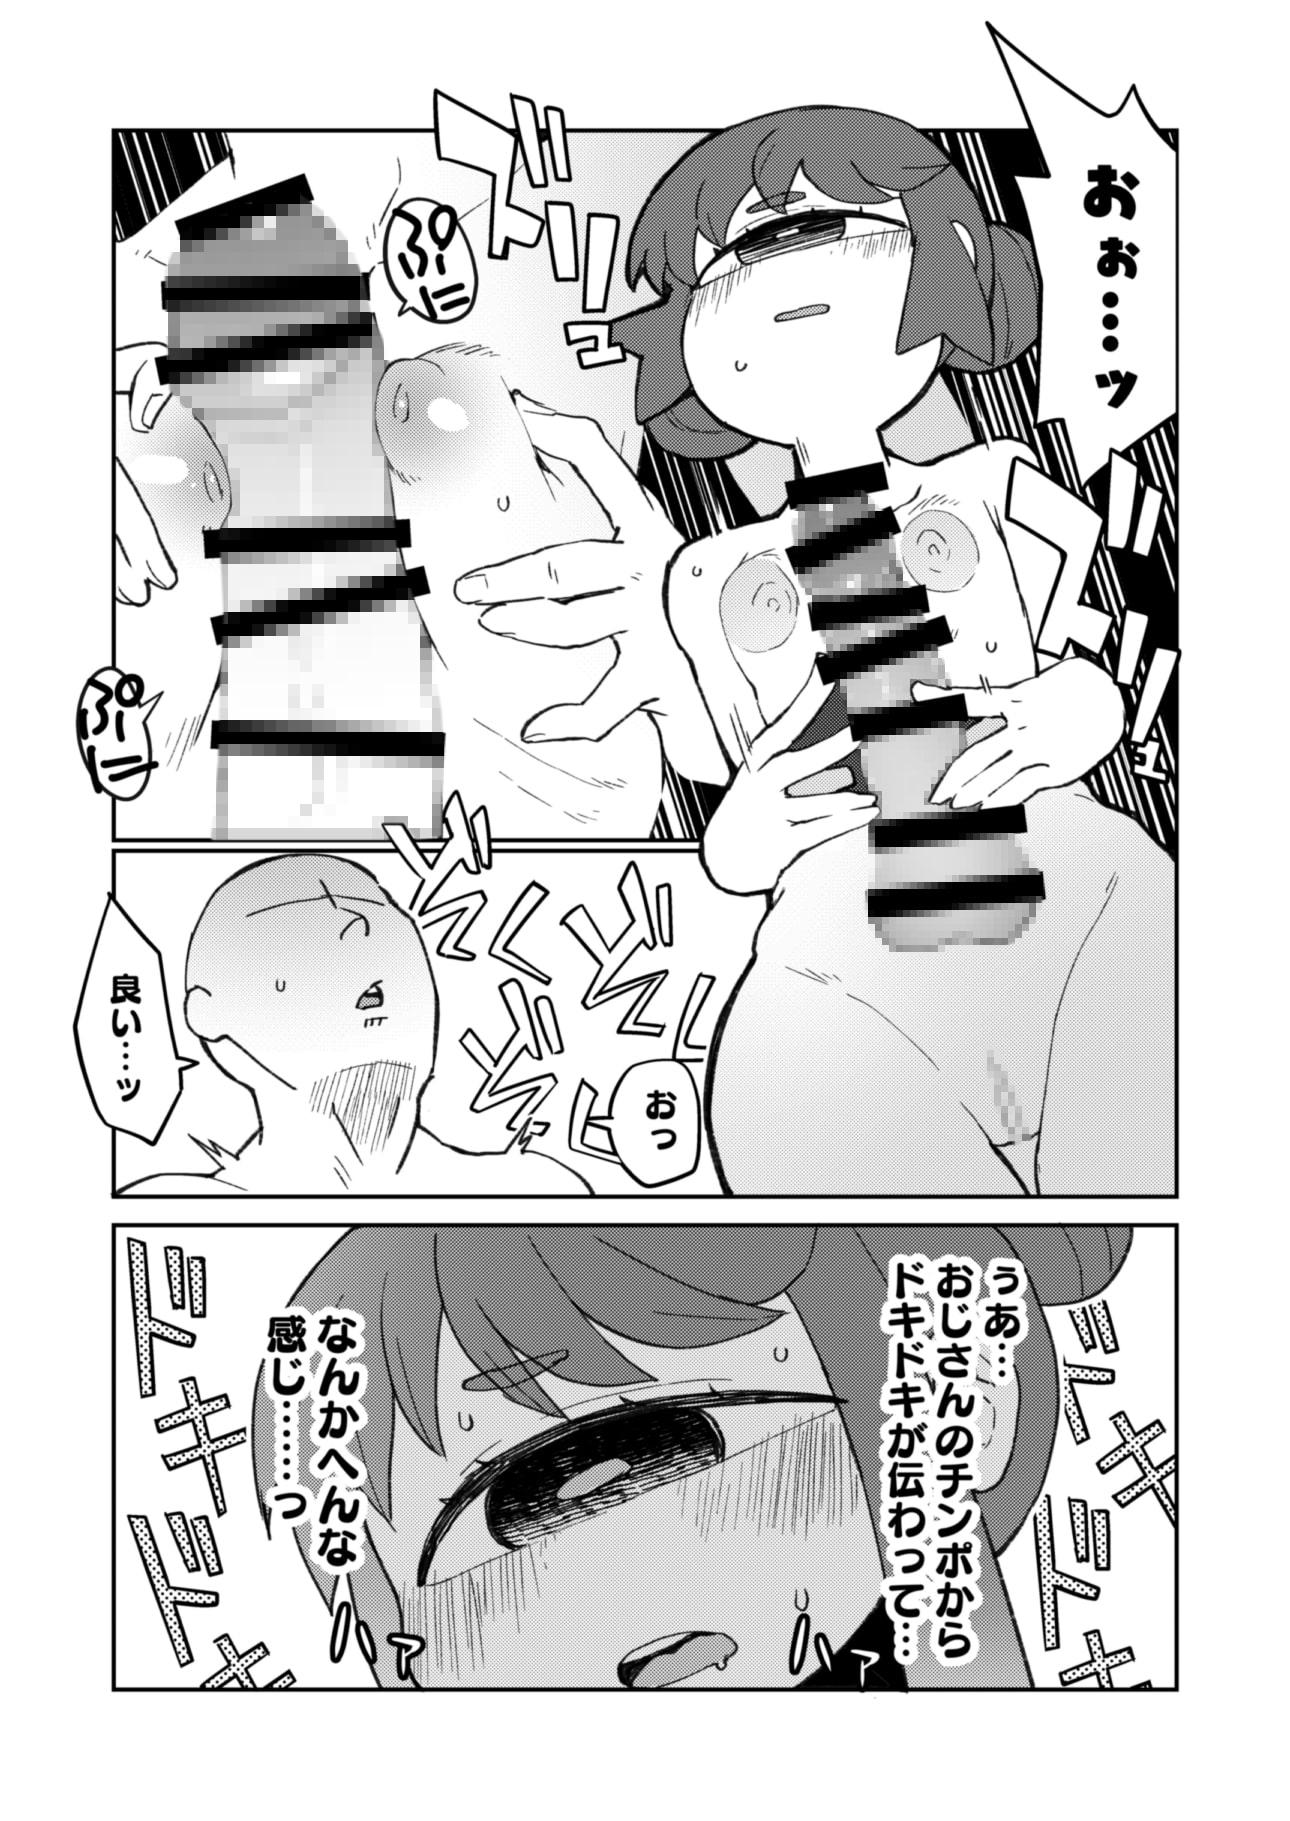 後輩の単眼ちゃん#8